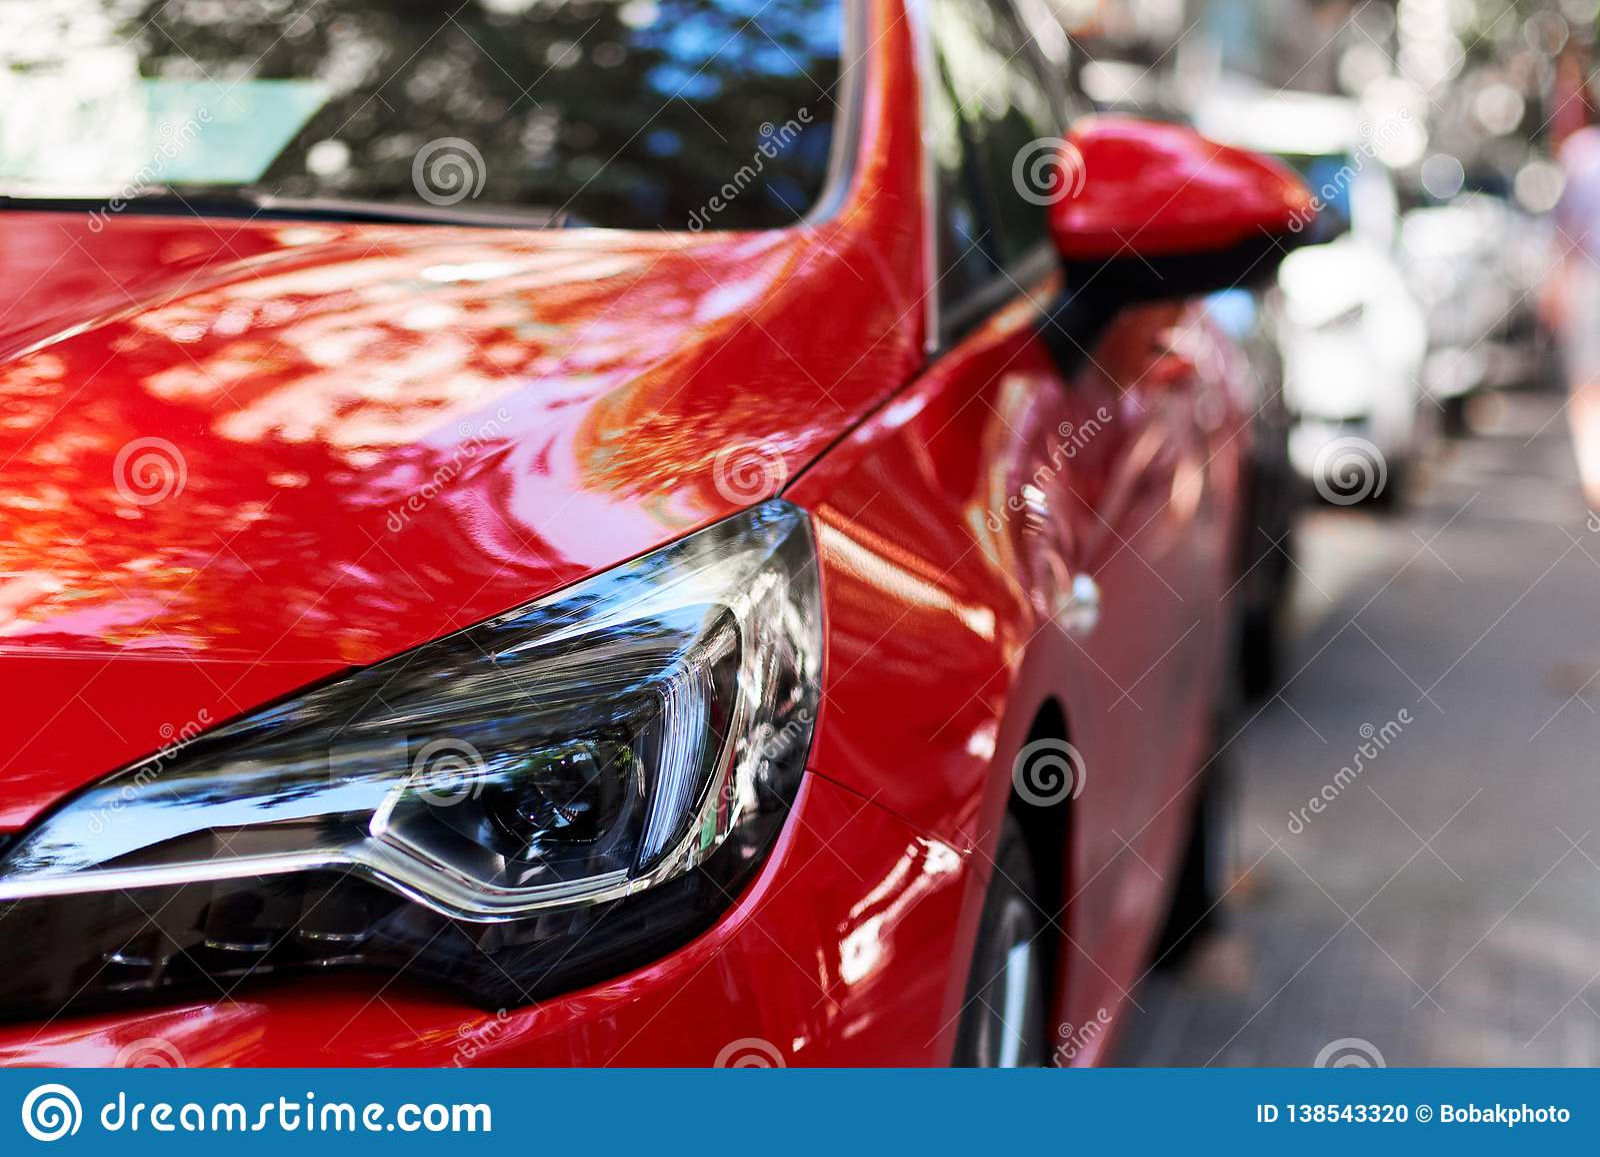 Μπροστινό μέρος ενός κόκκινου αυτοκινήτου